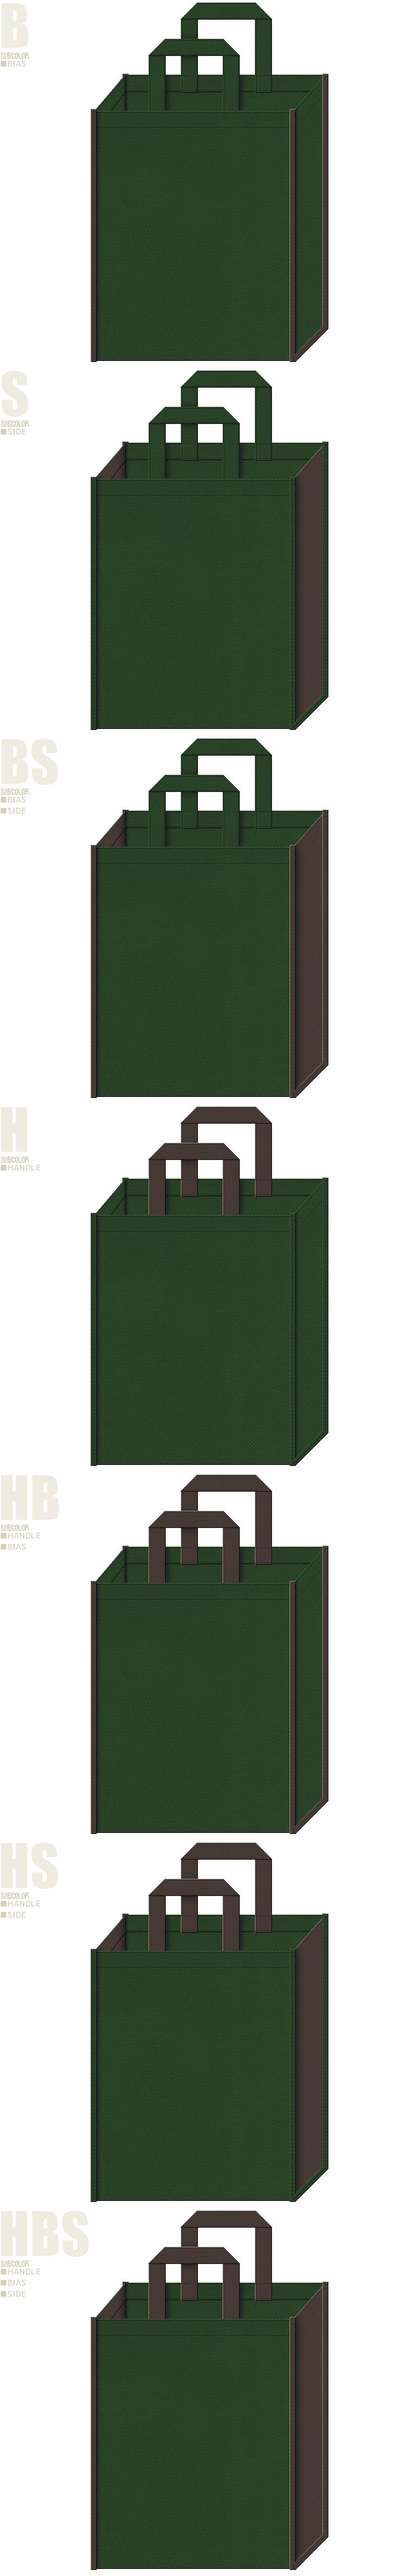 濃緑色とこげ茶色、7パターンの不織布トートバッグ配色デザイン例。アウトドア・キャンプ用品の展示会用バッグにお奨めです。